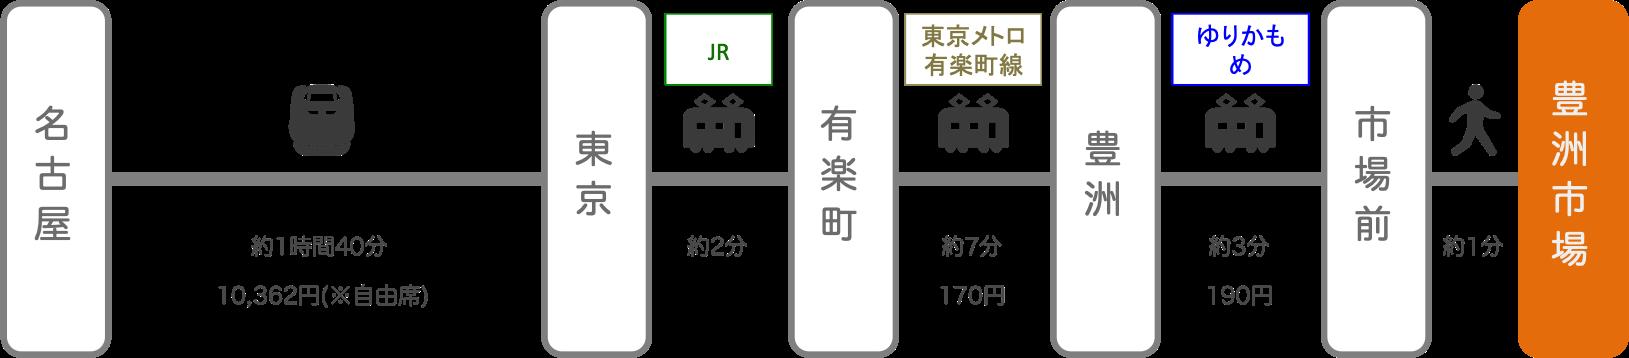 豊洲市場_名古屋(愛知)_新幹線